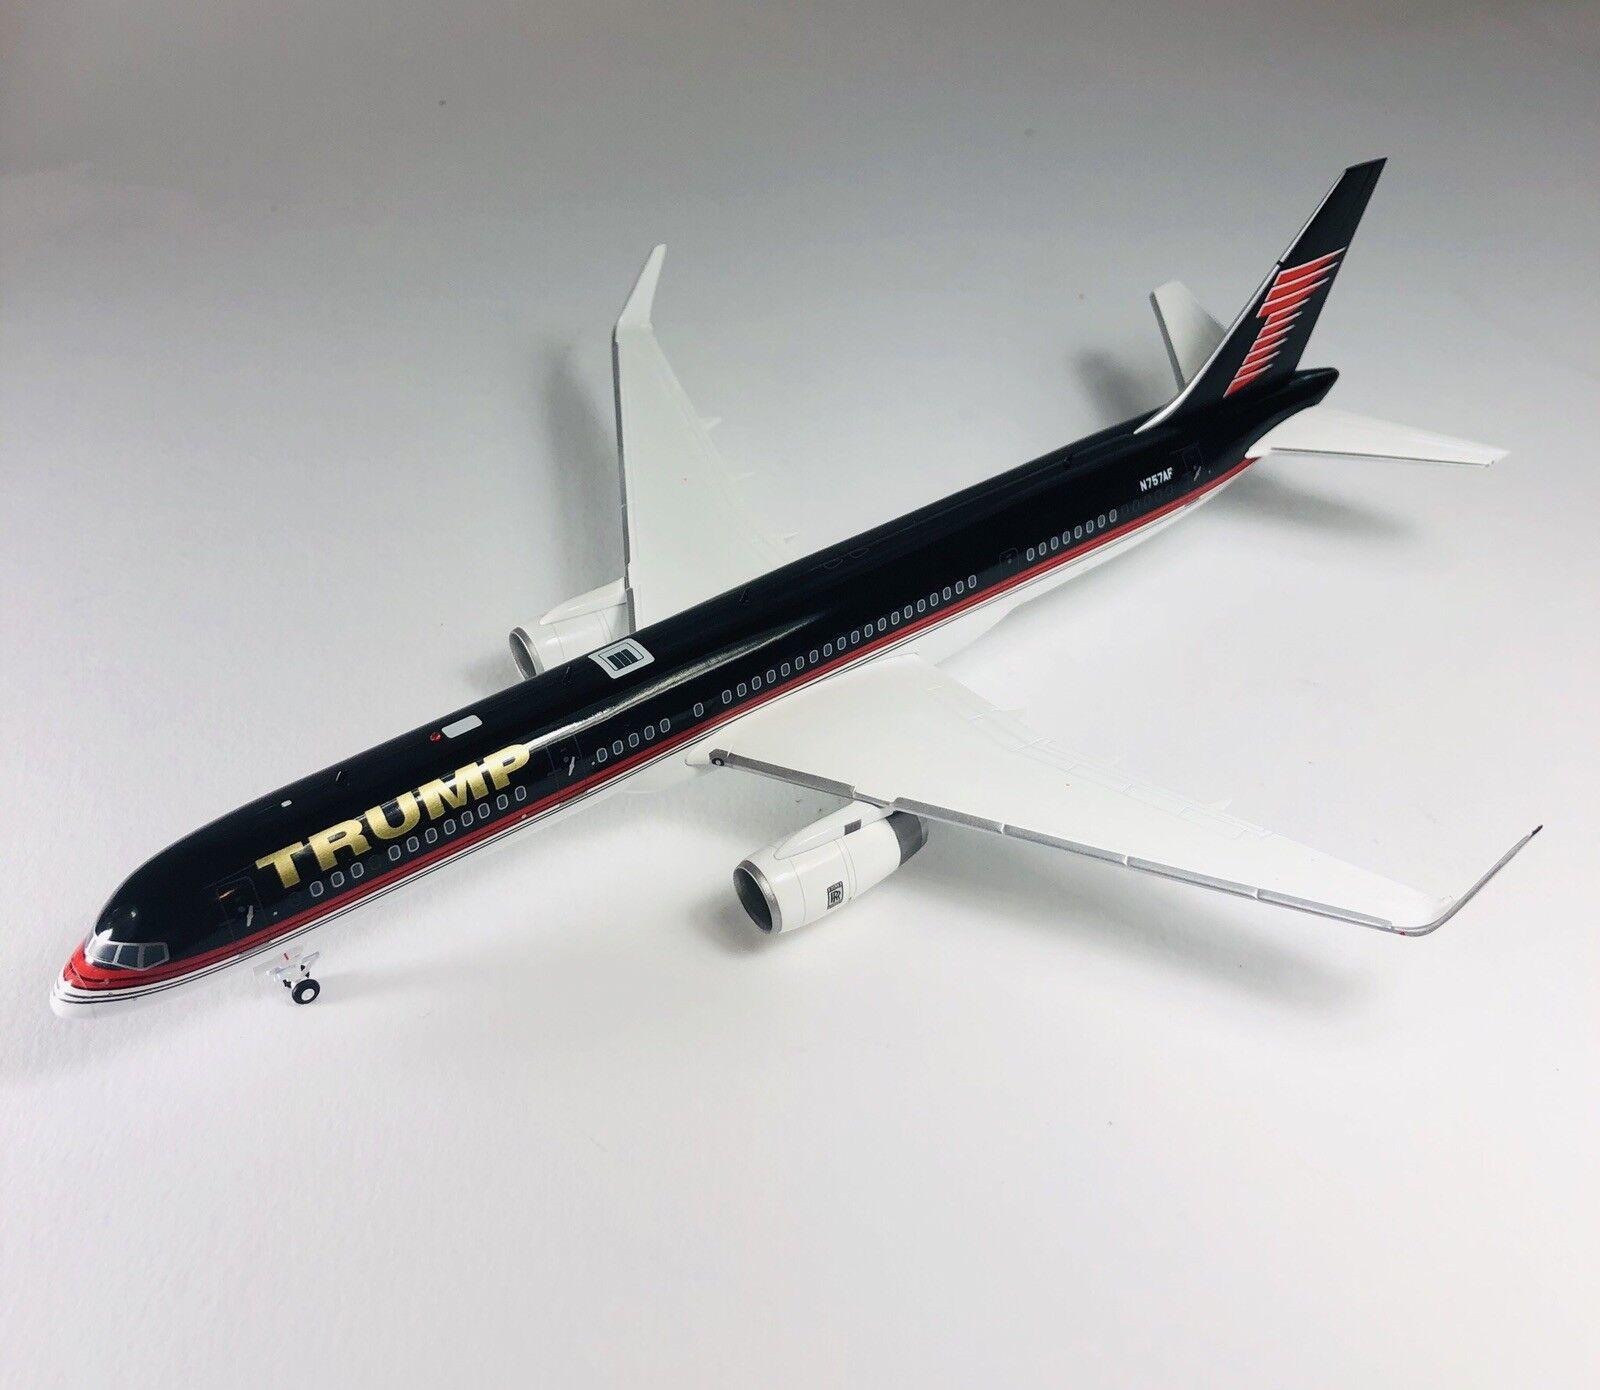 barato en línea Gemini Jets 1 200 Trump B757-200 N757AF Modelo Diecast Diecast Diecast  Más asequible